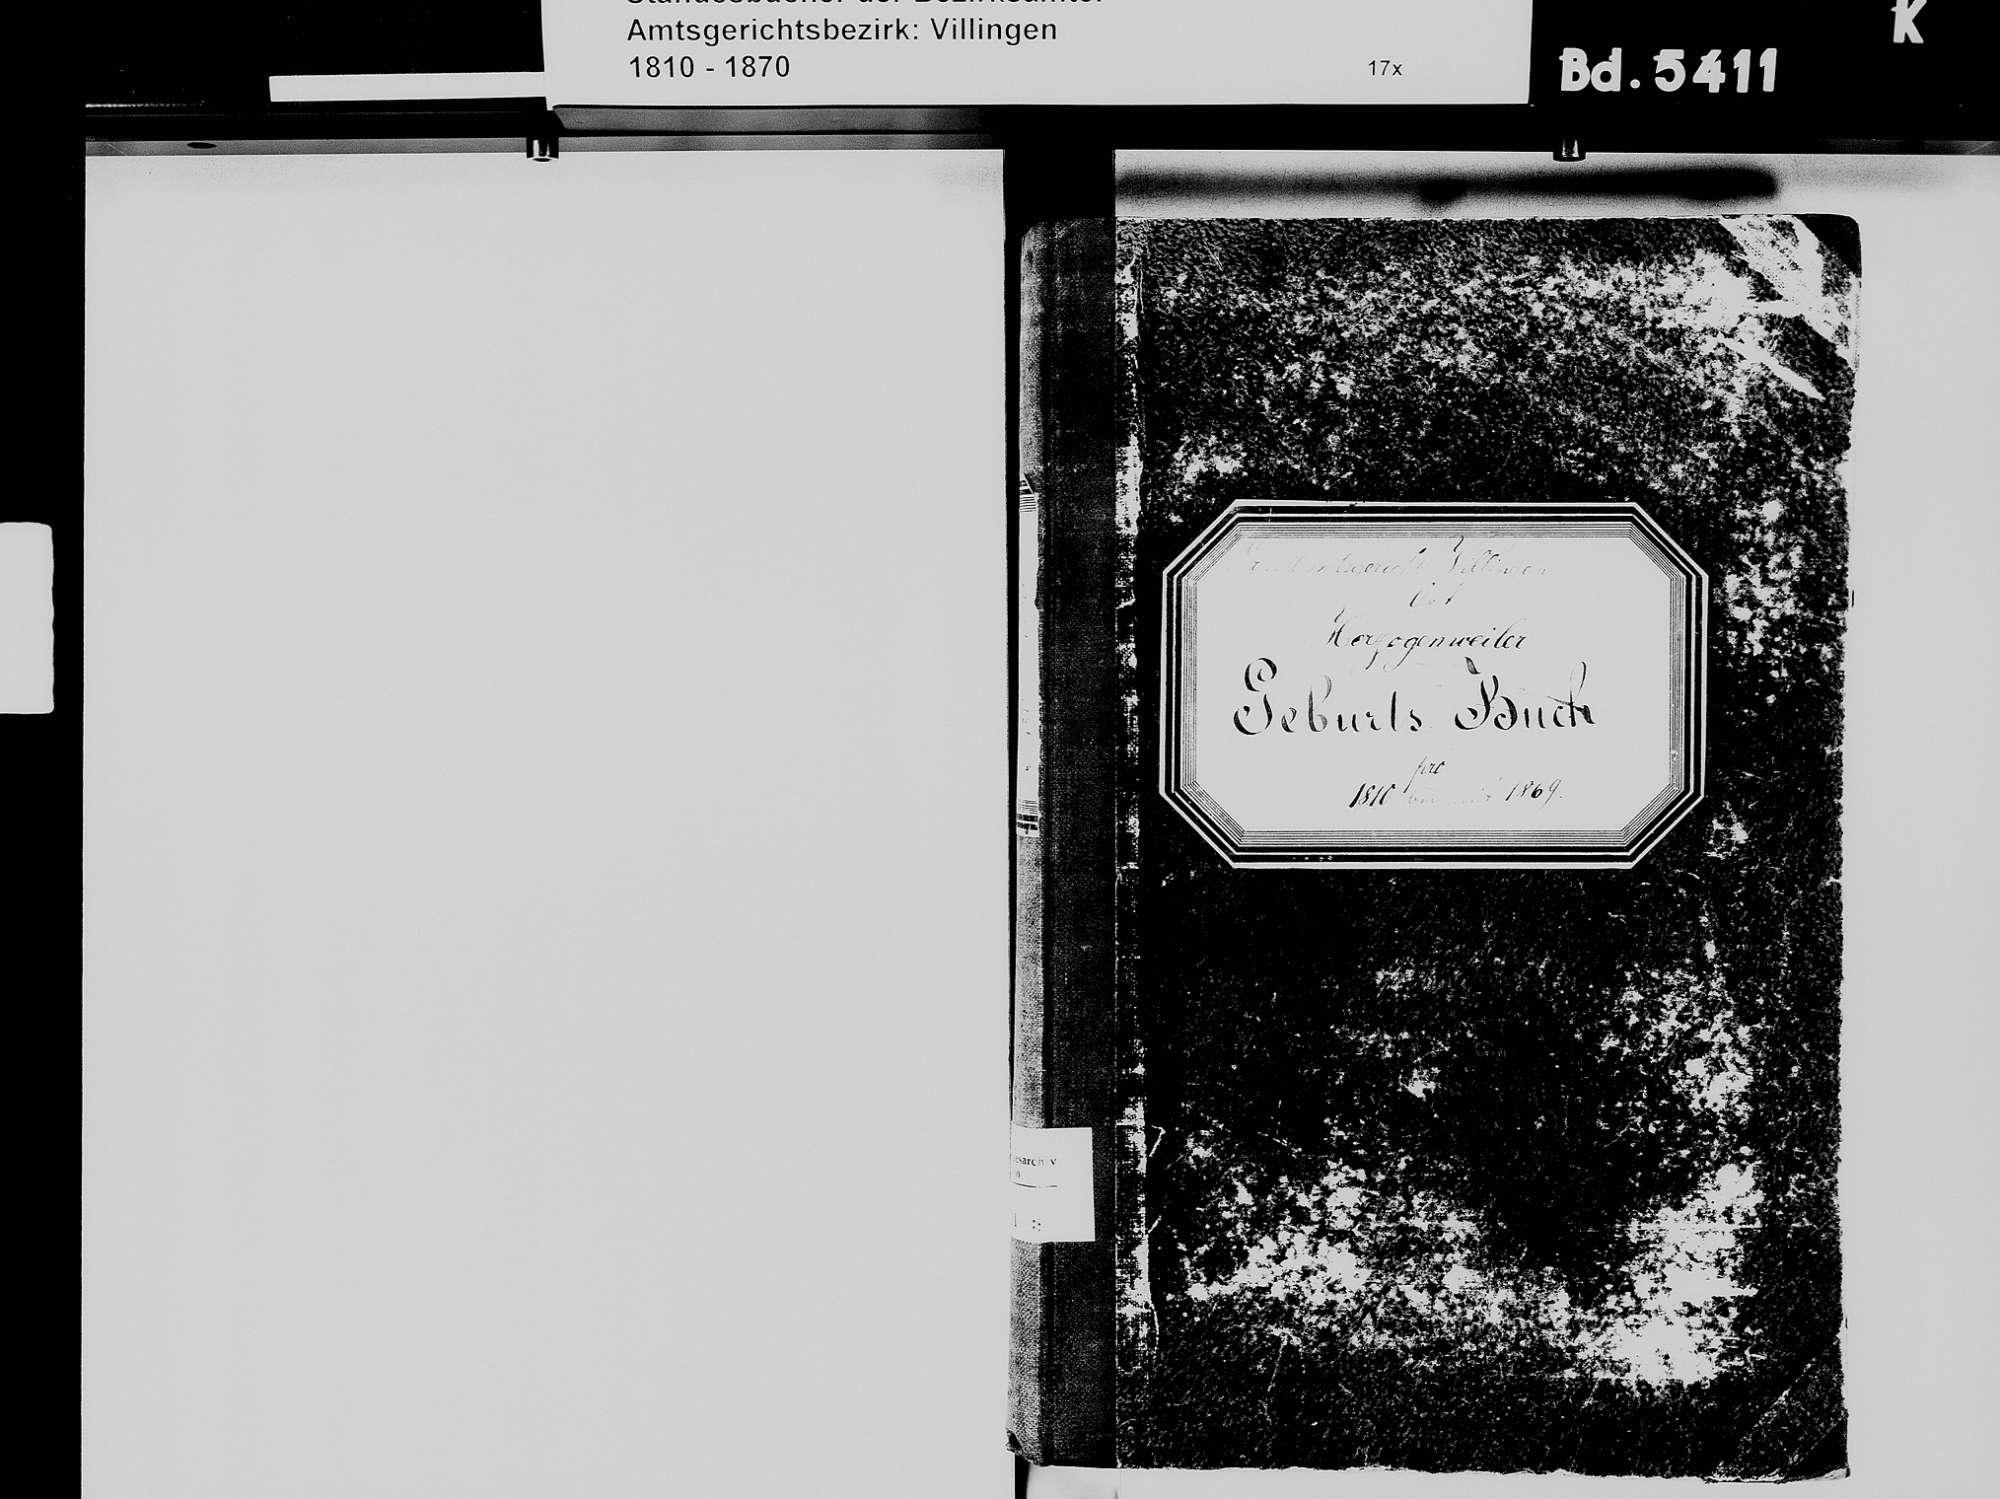 Herzogenweiler, Villingen-Schwenningen VS; Katholische Gemeinde: Geburtenbuch 1810-1869 Herzogenweiler, Villingen-Schwenningen VS; Katholische Gemeinde: Heiratsbuch 1813-1819 Herzogenweiler, Villingen-Schwenningen VS; Katholische Gemeinde: Sterbebuch 1814-1819, Bild 3